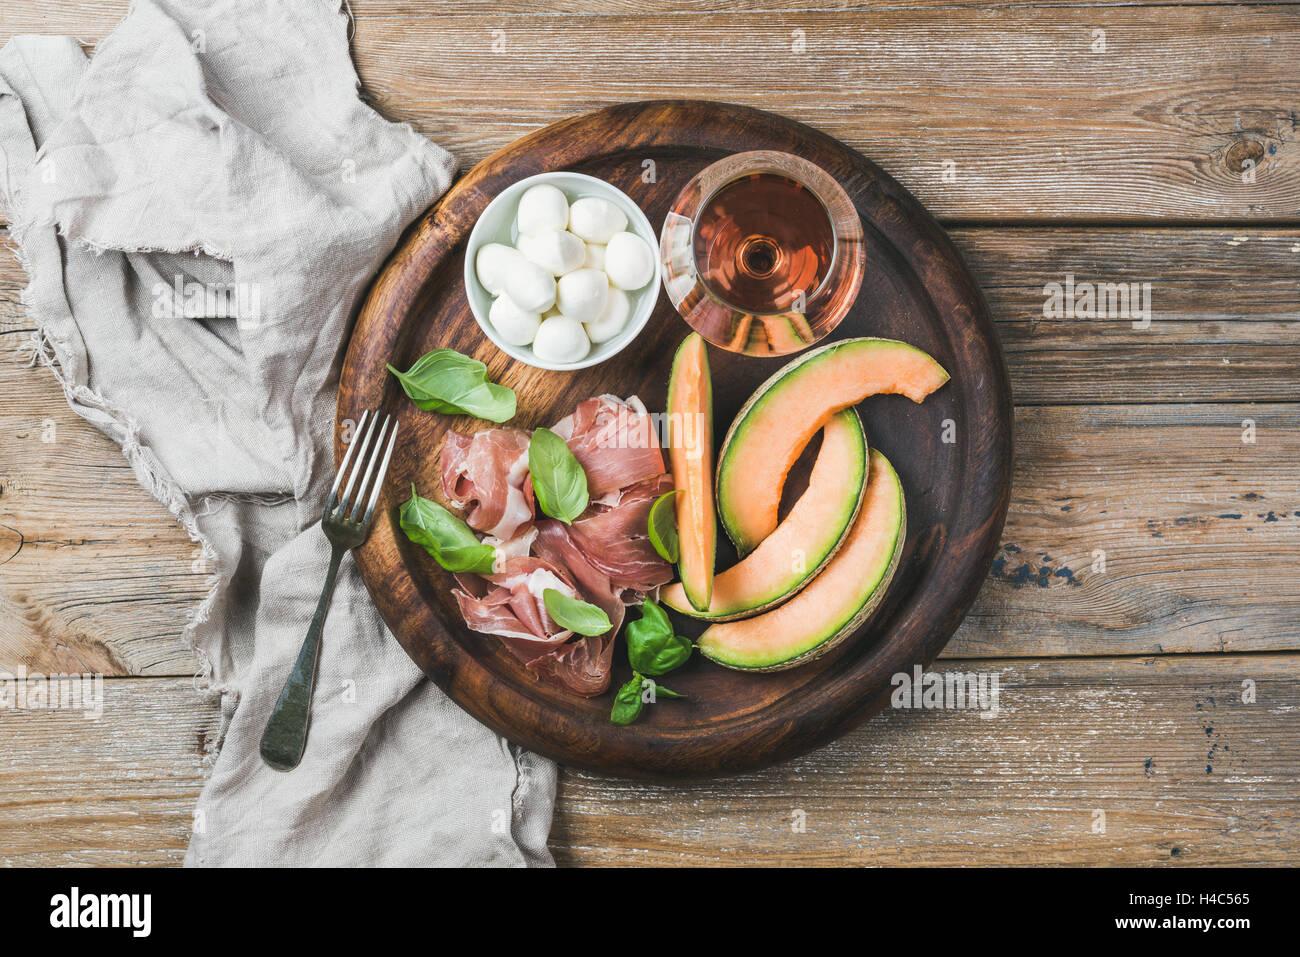 Prosciutto, melon, mozzarella and glass of wine in wooden tray - Stock Image